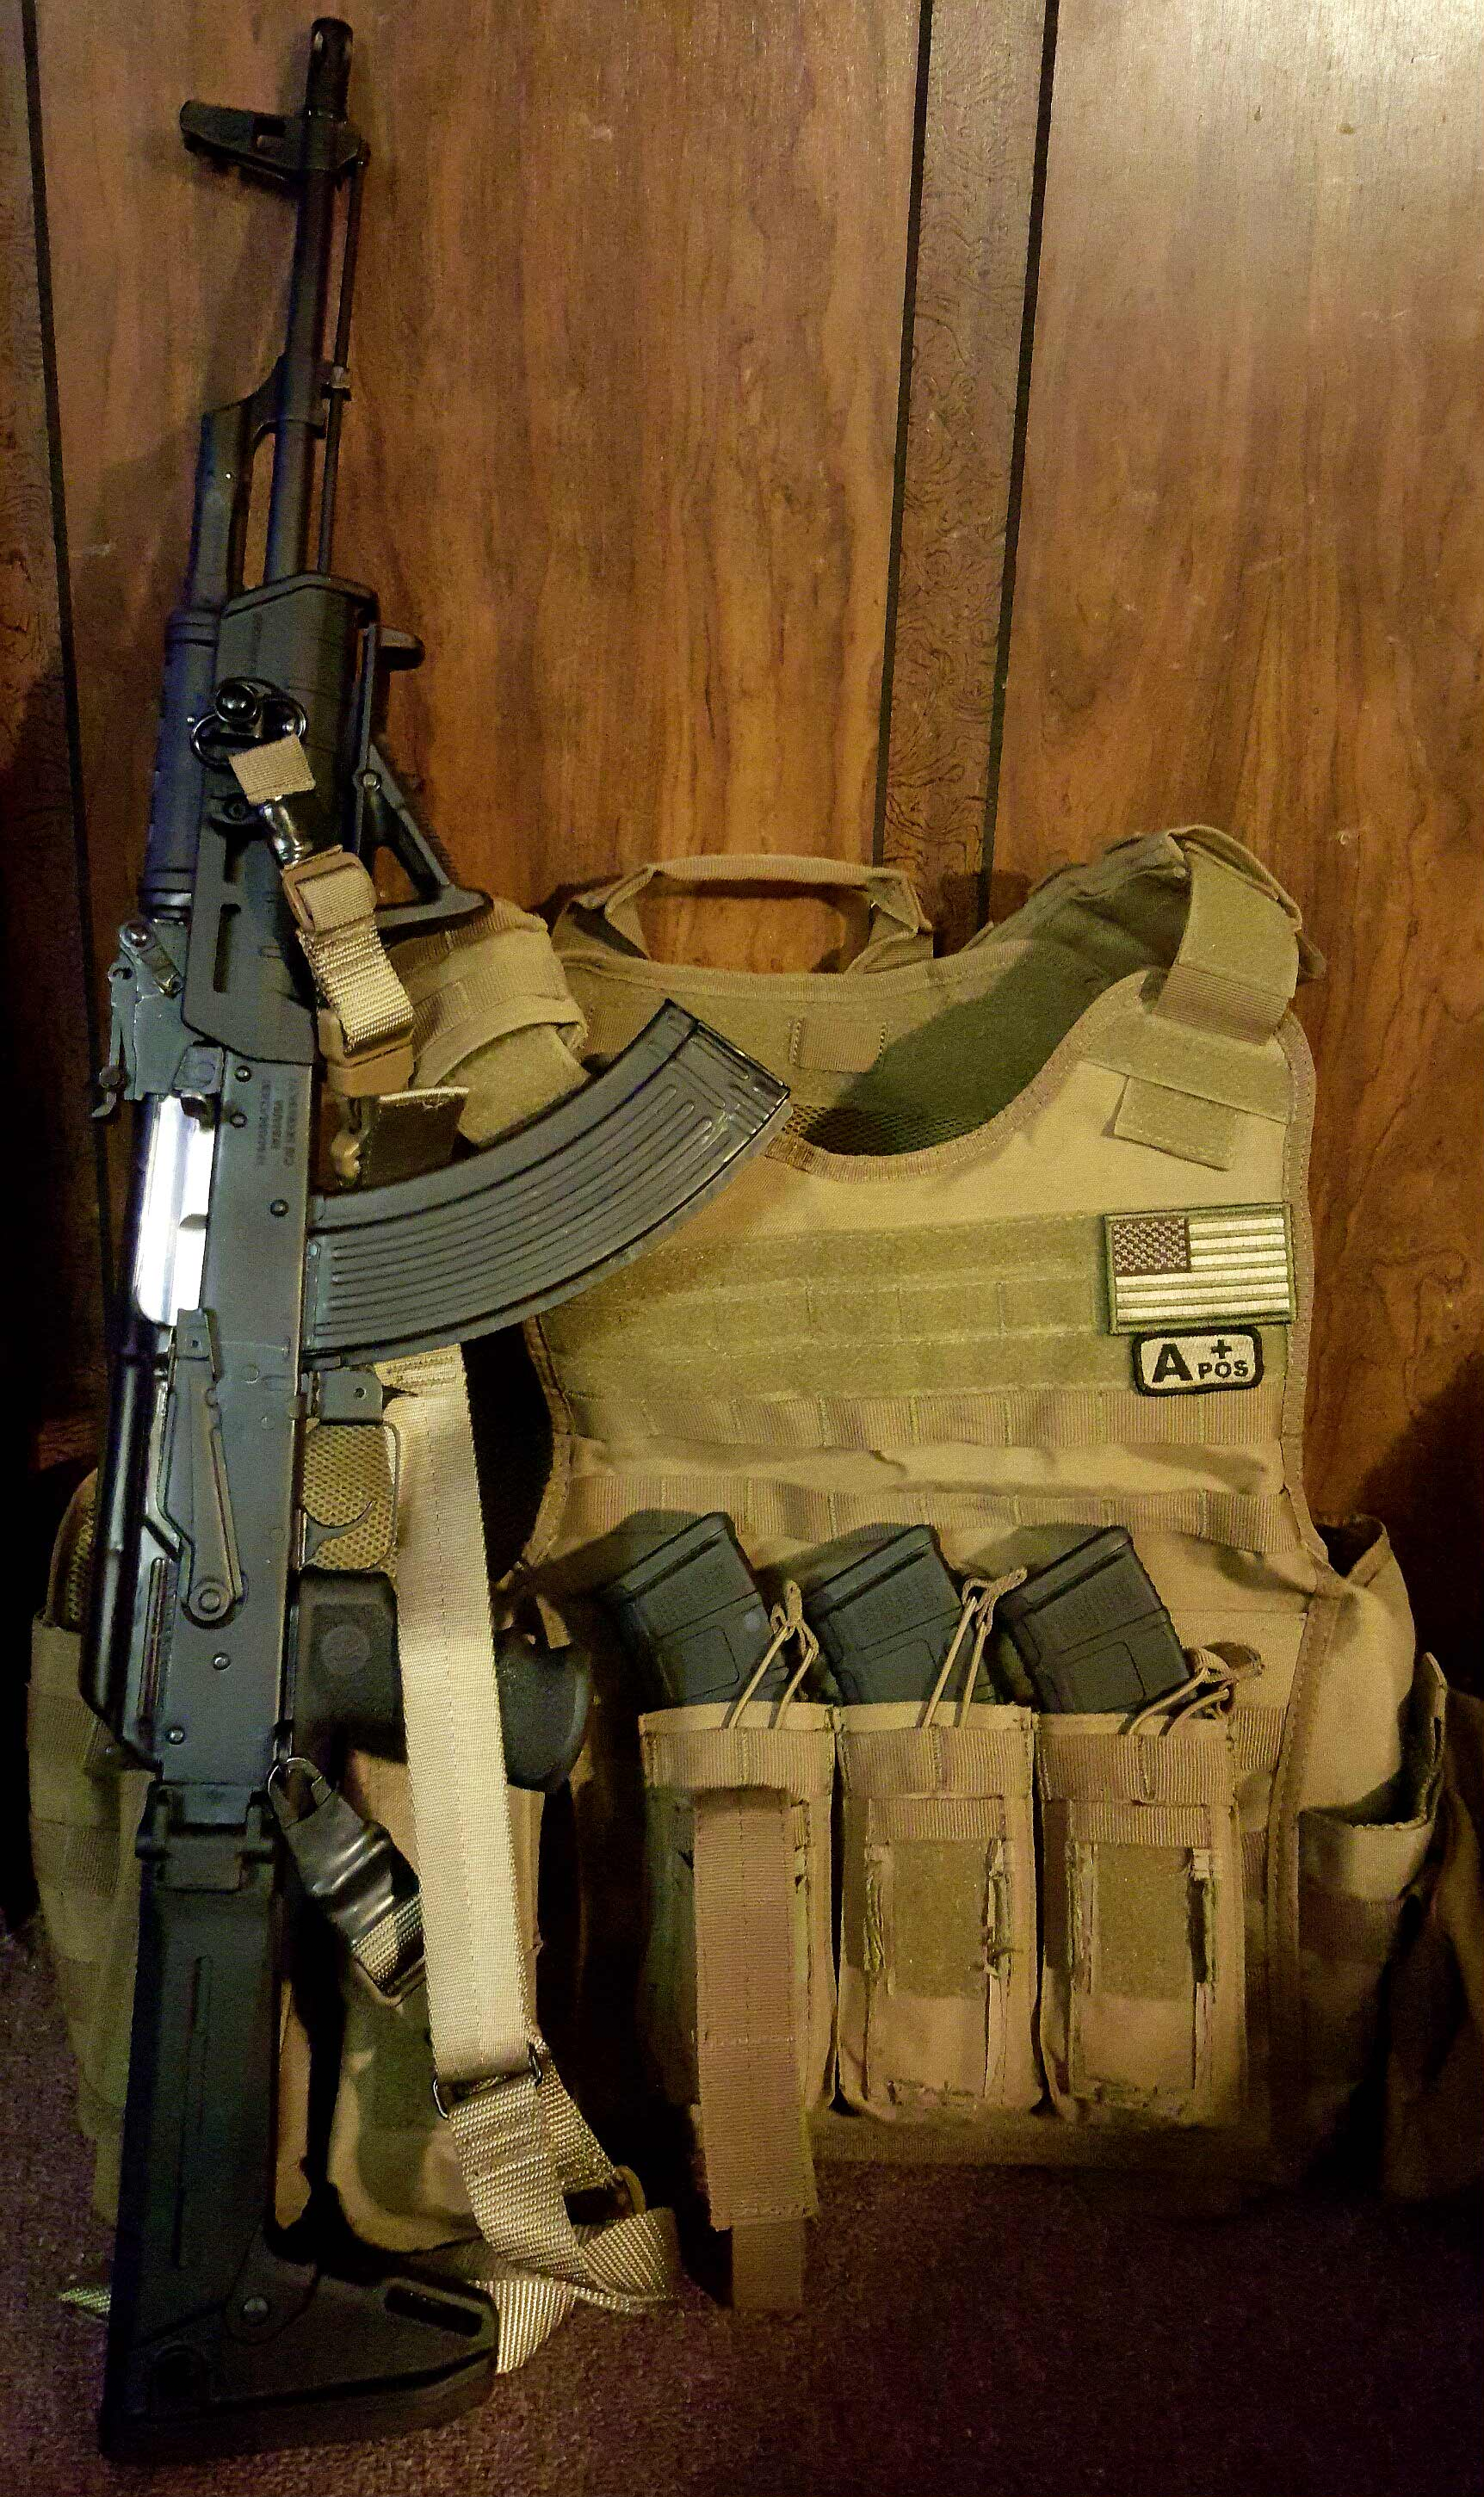 My WASR-10 AK